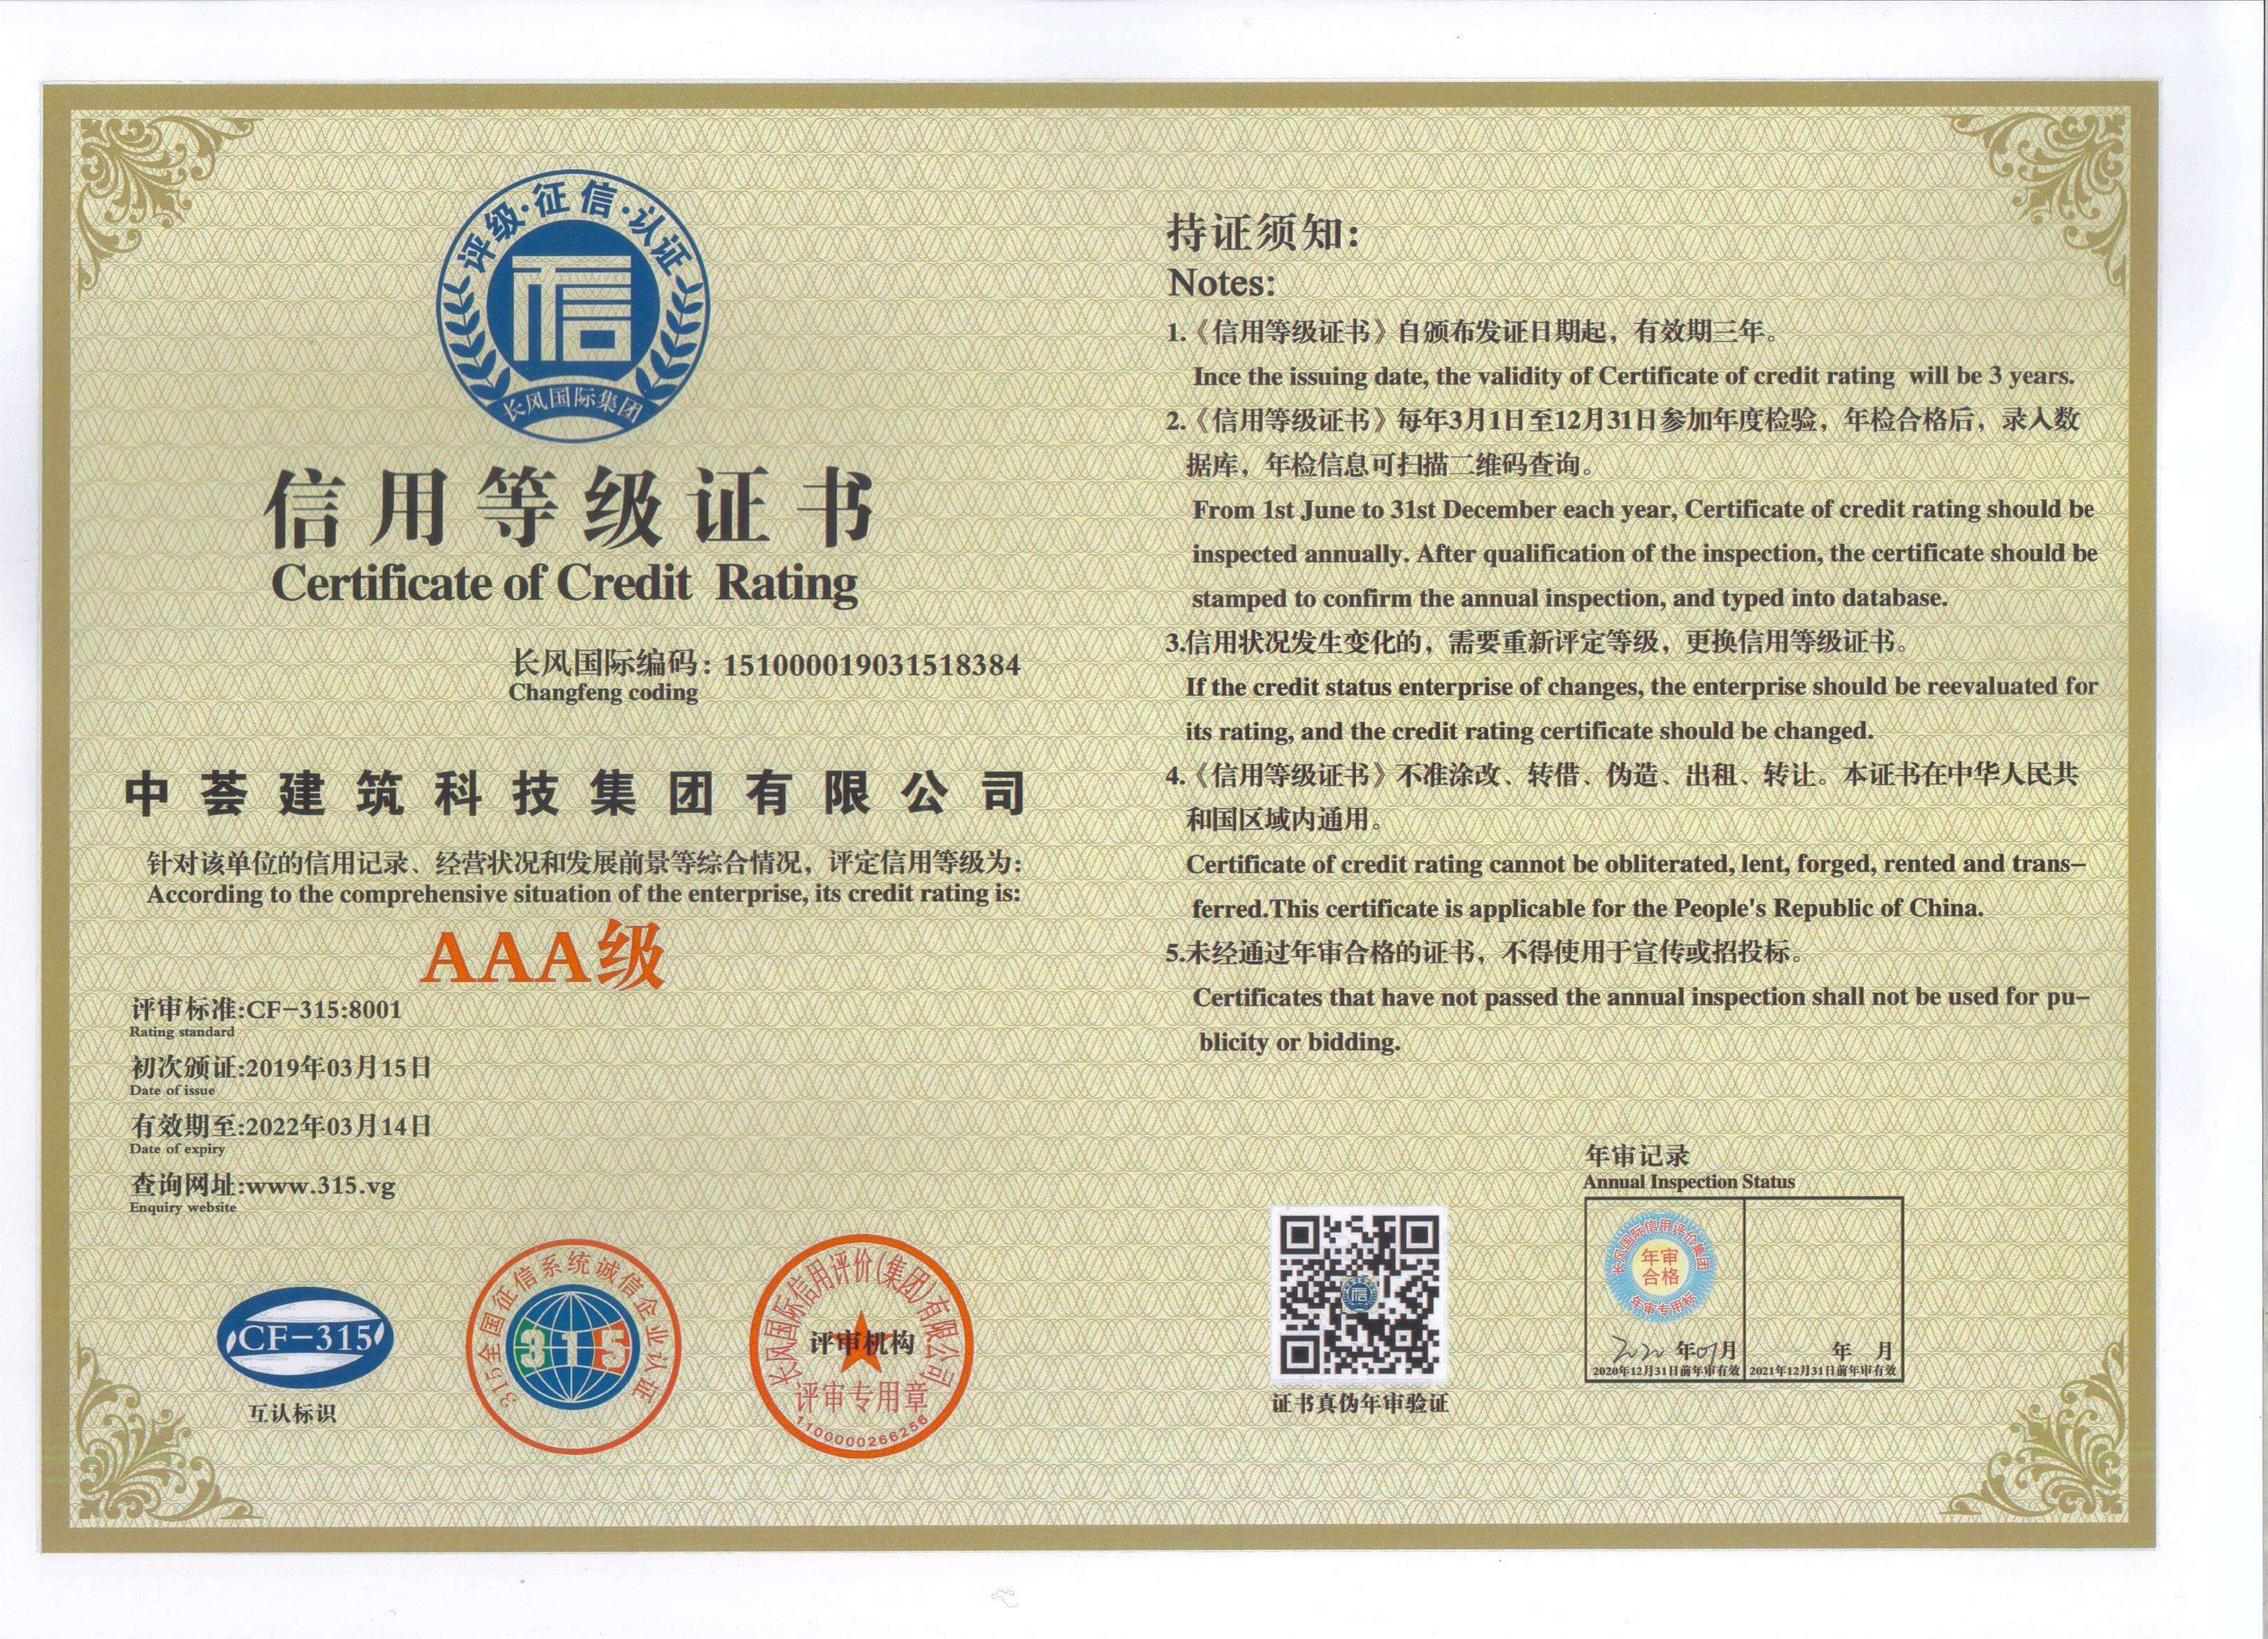 信用等級證書 001